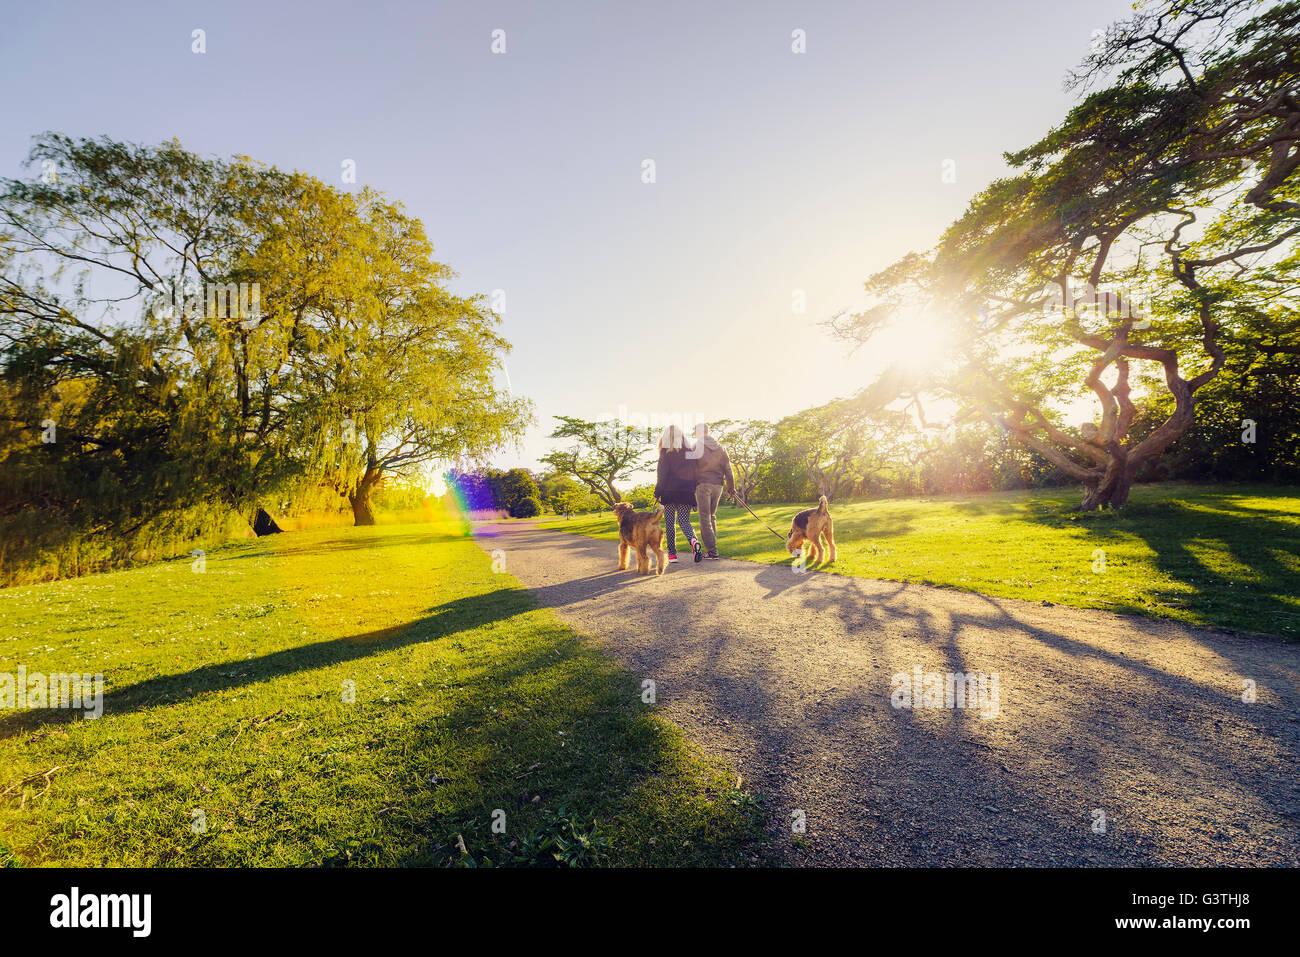 Schweden, Skane, Malmö, Malmö Folkets Park, Mid-Adult paar mit Hunden Stockbild